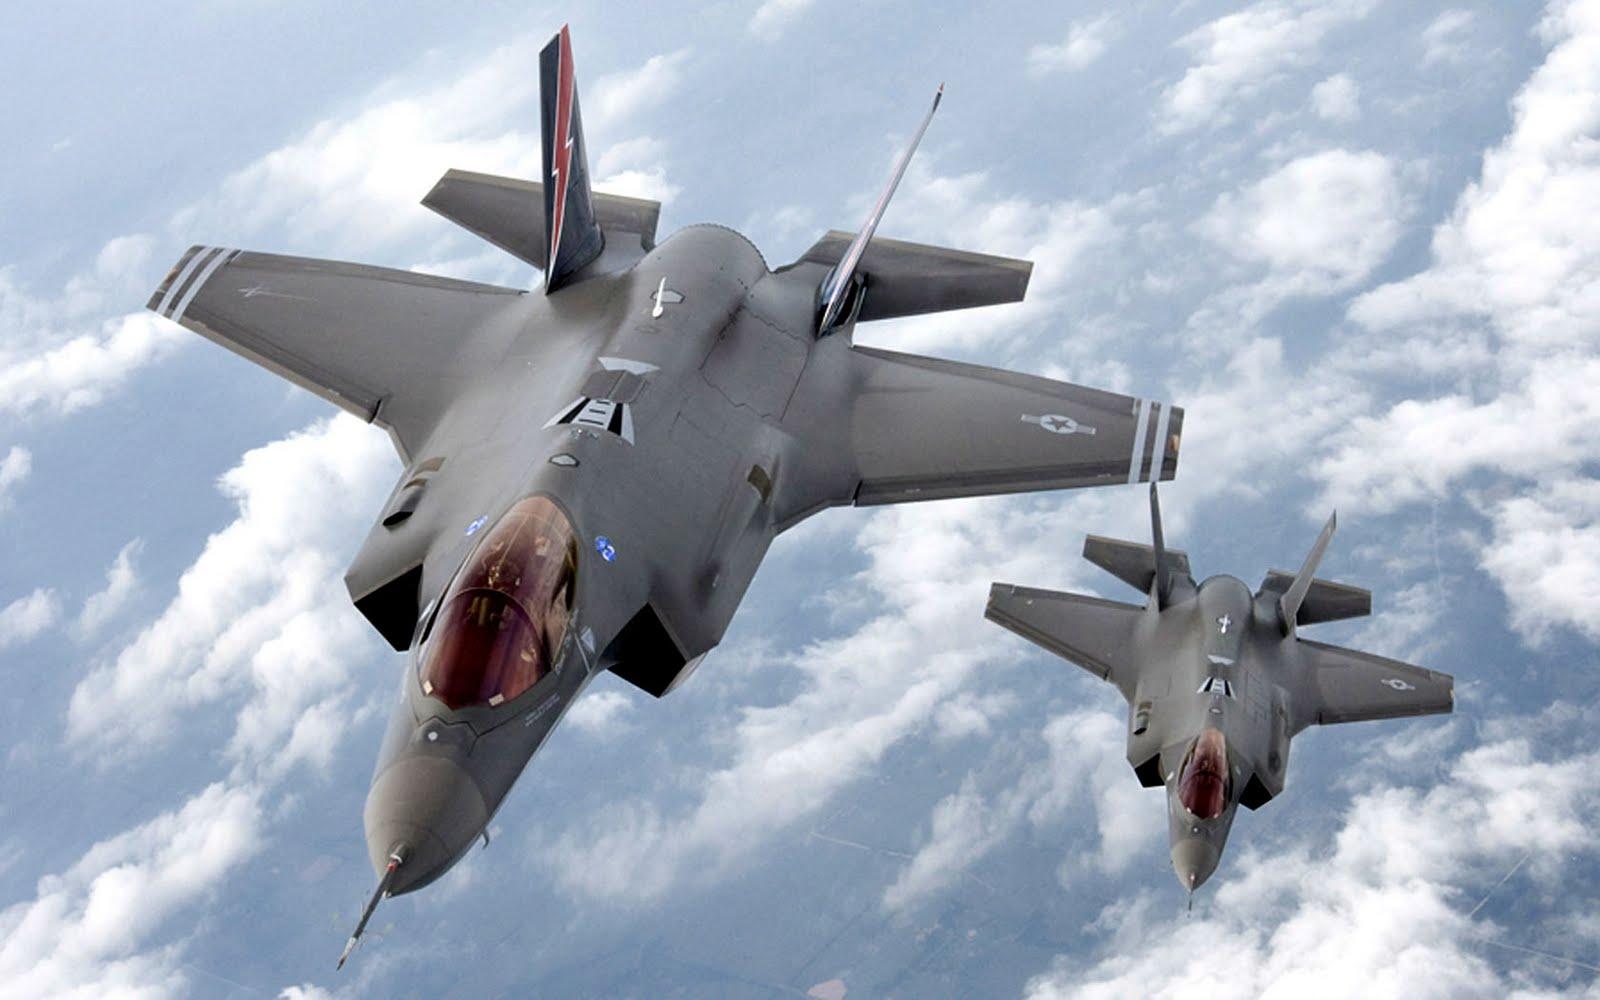 http://4.bp.blogspot.com/-NJxHILipyaU/Ta3tD2bnZ-I/AAAAAAAABuU/JwK9qL2cbCk/s1600/f+35+fighter+jet+by+jet+planes+%25281%2529.jpg